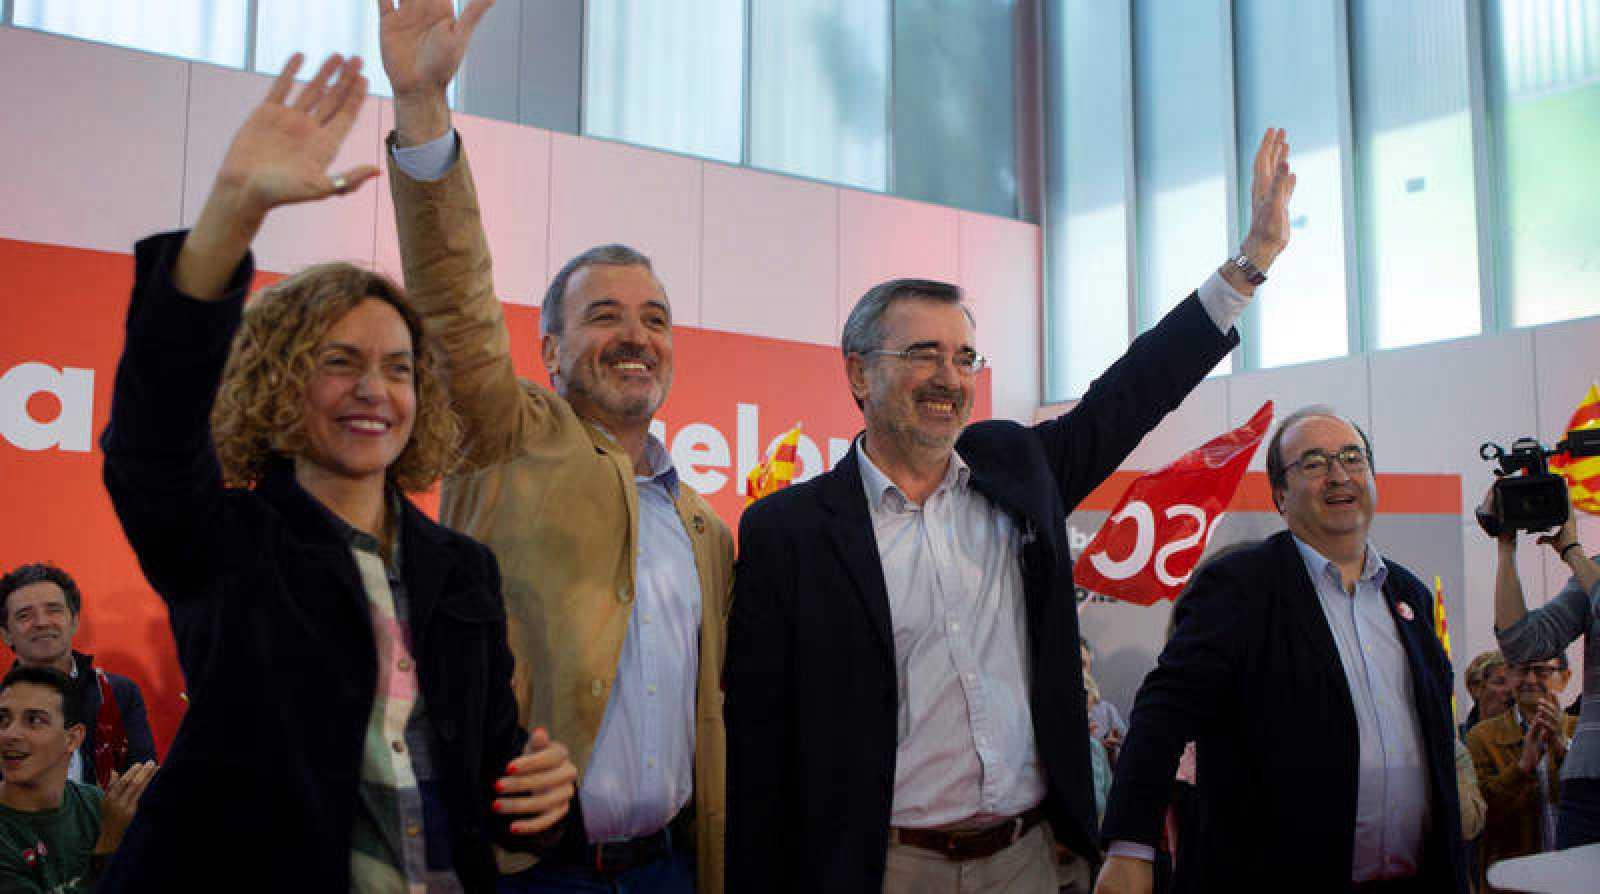 El primer secretario del PSC, Miquel Iceta, la ministra de Política Territorial y Función Pública en funciones, MeritxellBatet, el senador electo Manuel Cruz ,y el candidato socialista a la alcaldía de Barcelona, Jaume Collboni, durante un acto de